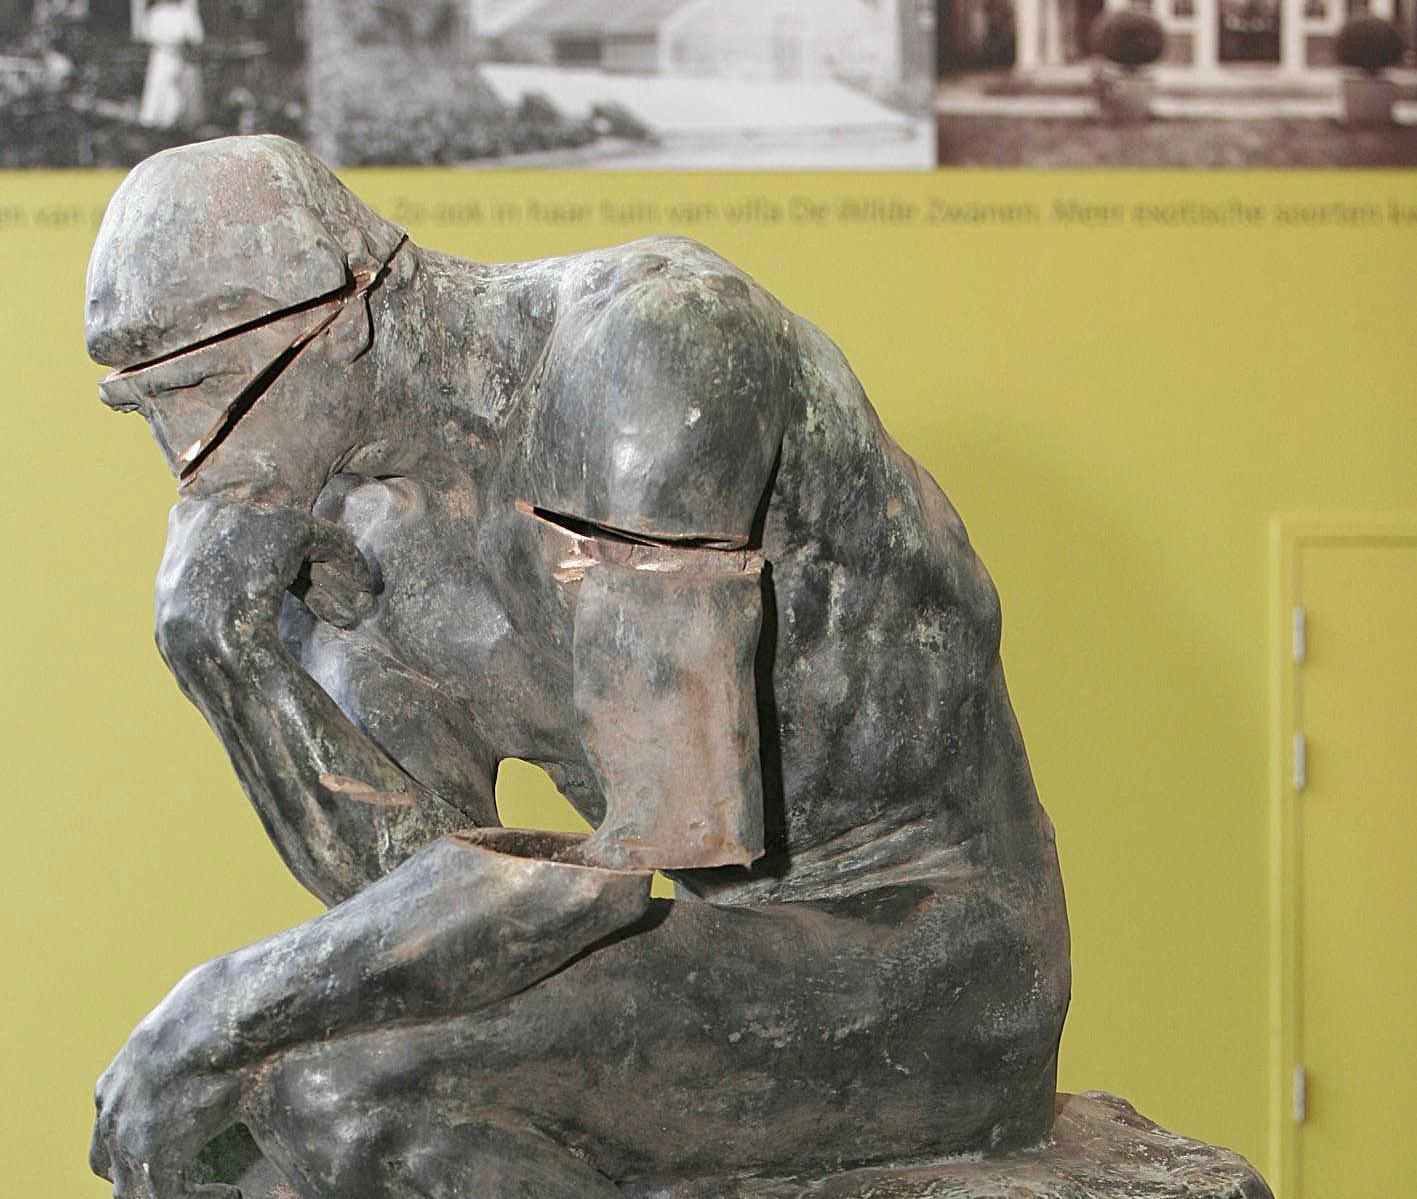 Tja, hoe beveilig je nu een bronzen beeld? De inzichten van deskundigen lopen uiteen